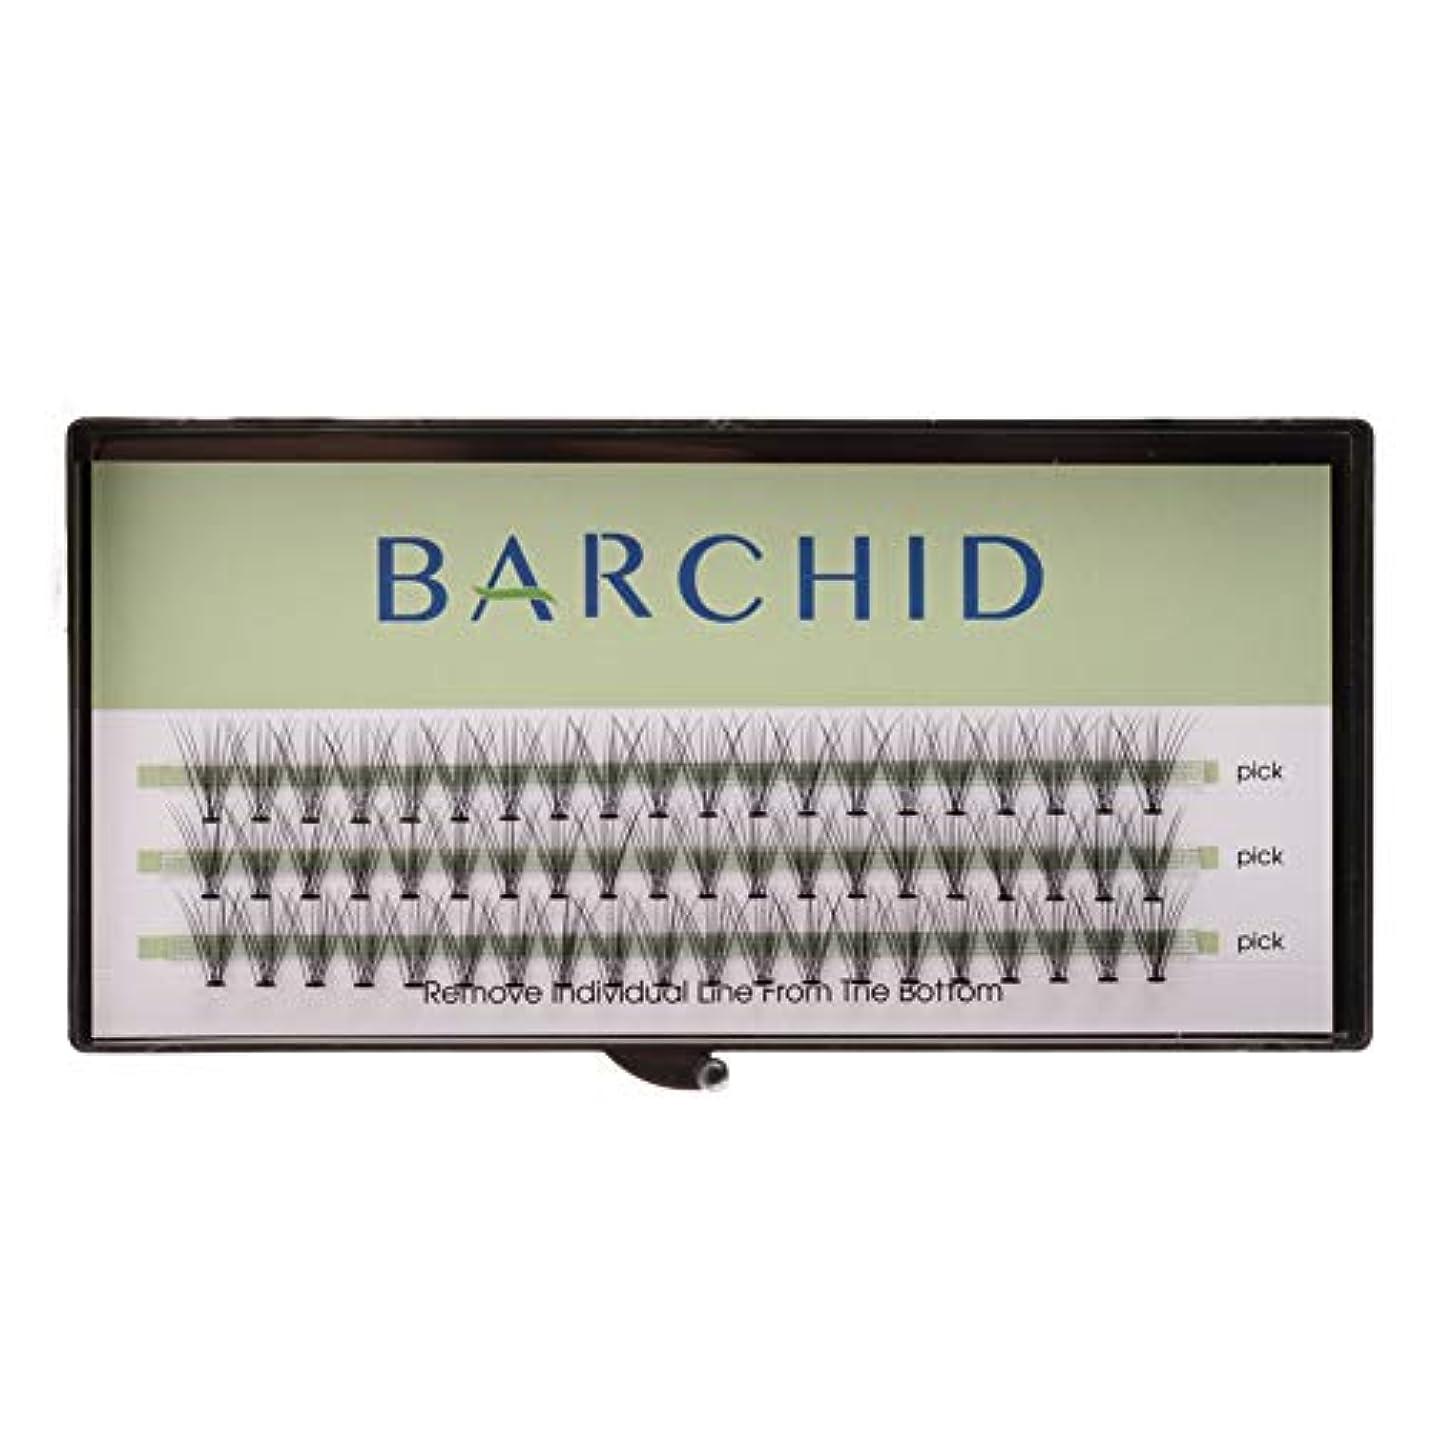 最悪キャストカラスBARCHID 高品質超極細まつげエクステ太さ0.07mm 10本束10mm Cカール フレア セルフ用 素材  マツエク